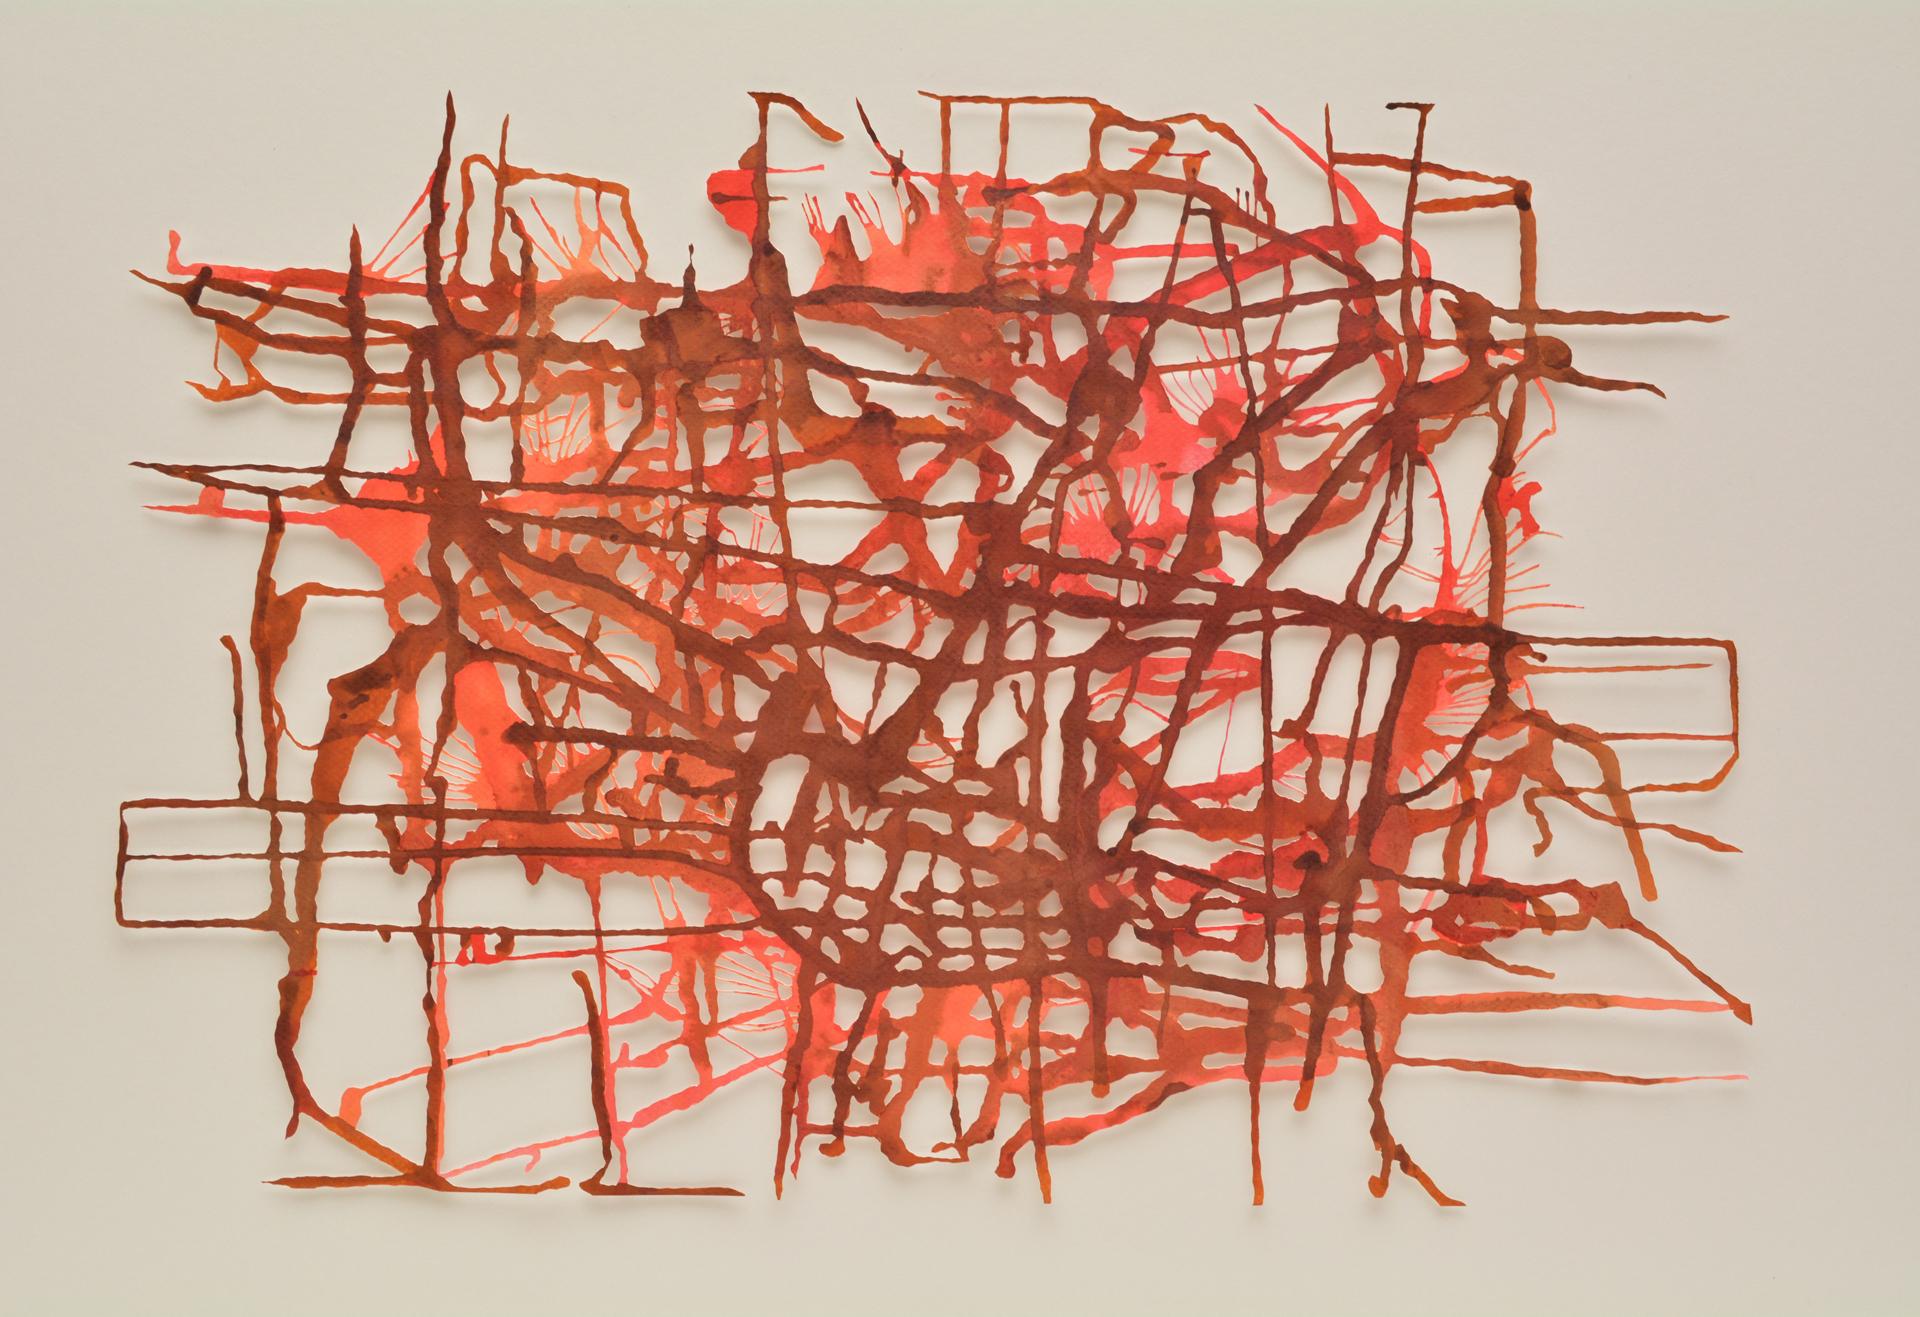 Sus obras artísticas y artesanales son exhibidas en galerías y vidrieras de arte, museos y coleccionistas internacionales